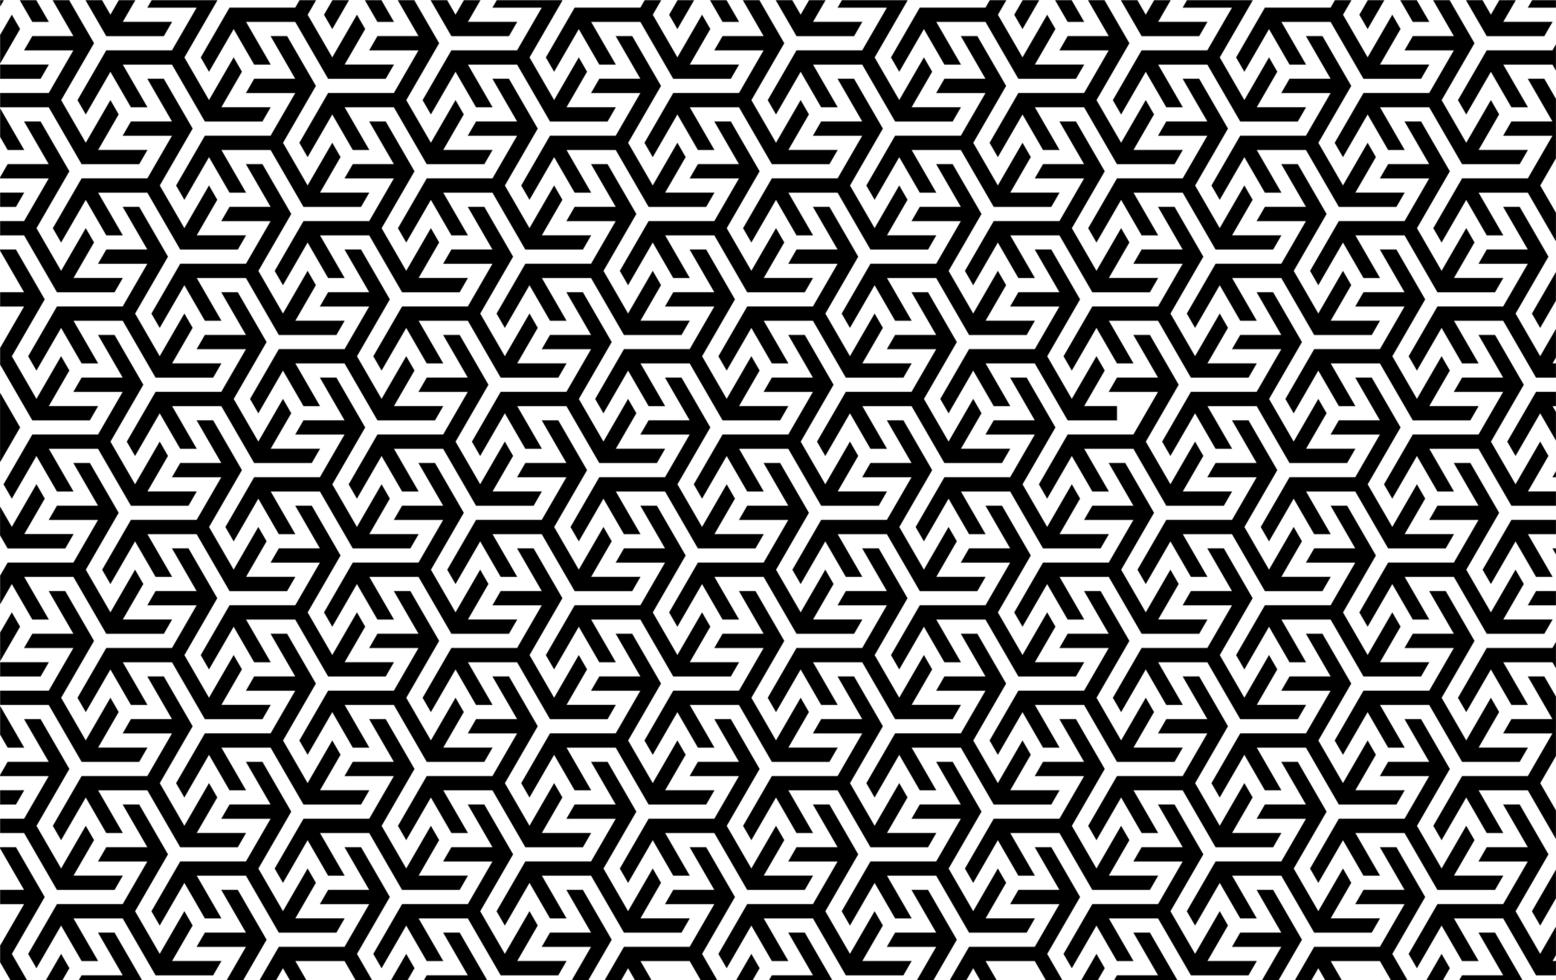 zwart-wit in elkaar grijpend geometrisch patroon vector